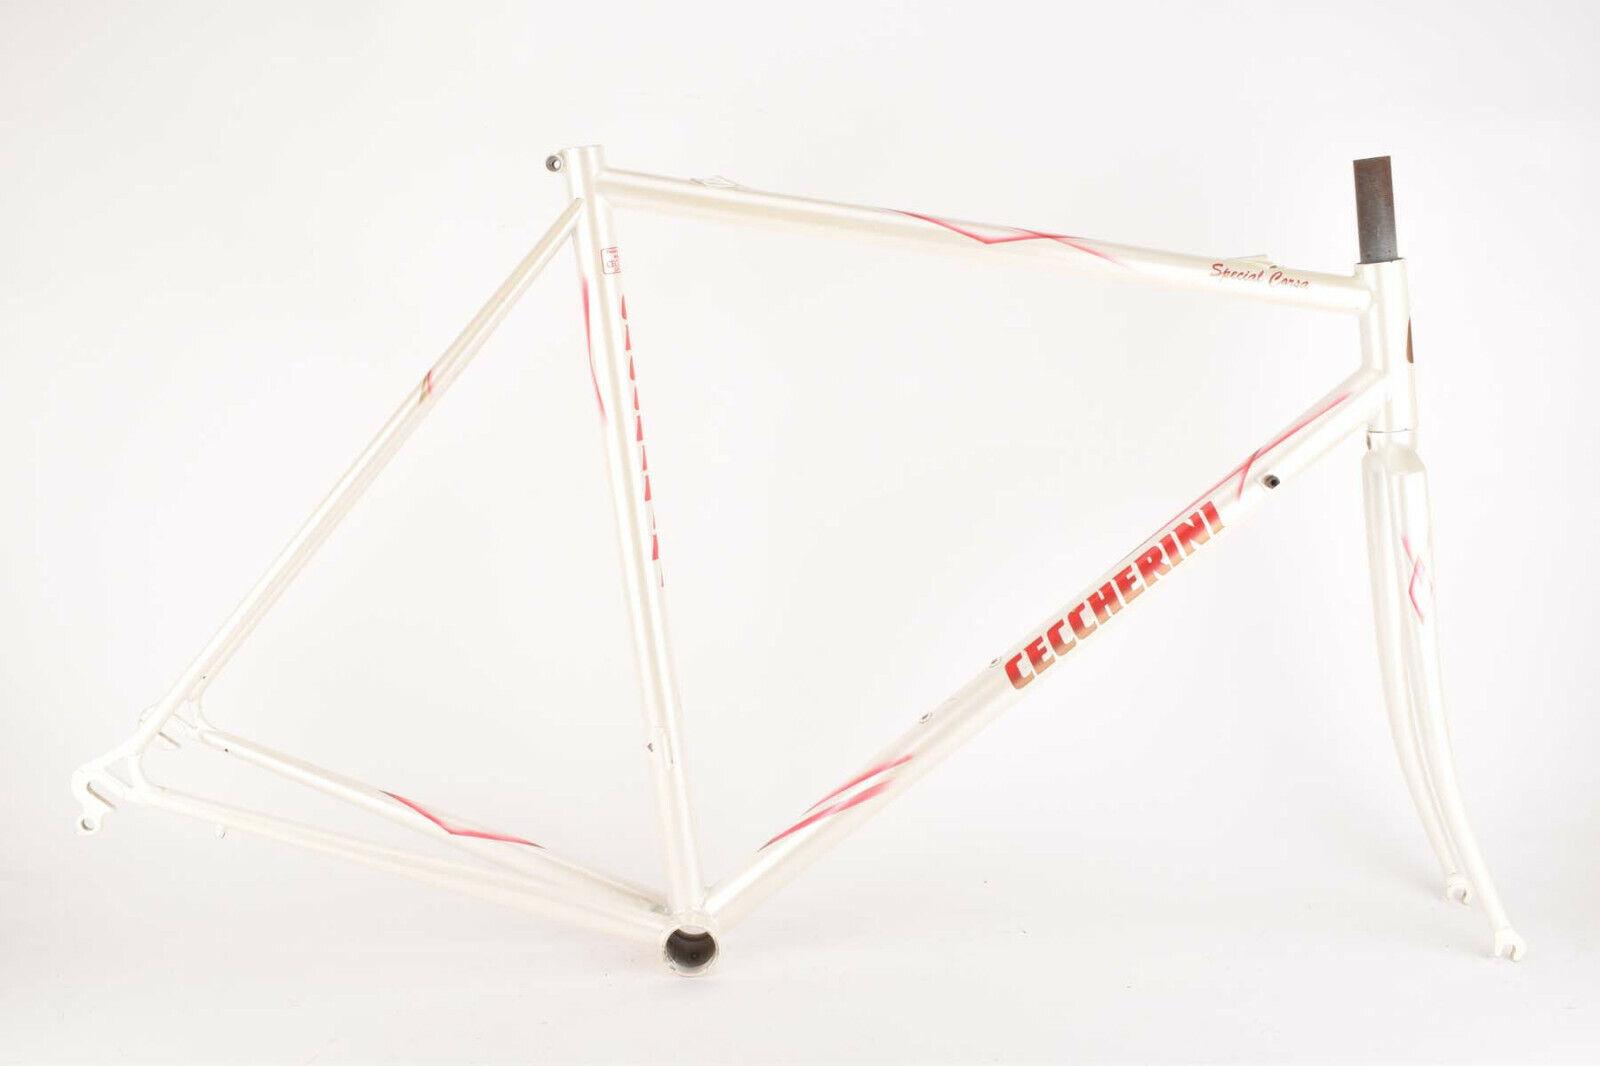 NOS Ceccherini Special Corsa frame 55 cm (c-t)   52.5 cm (c-c) Columbus